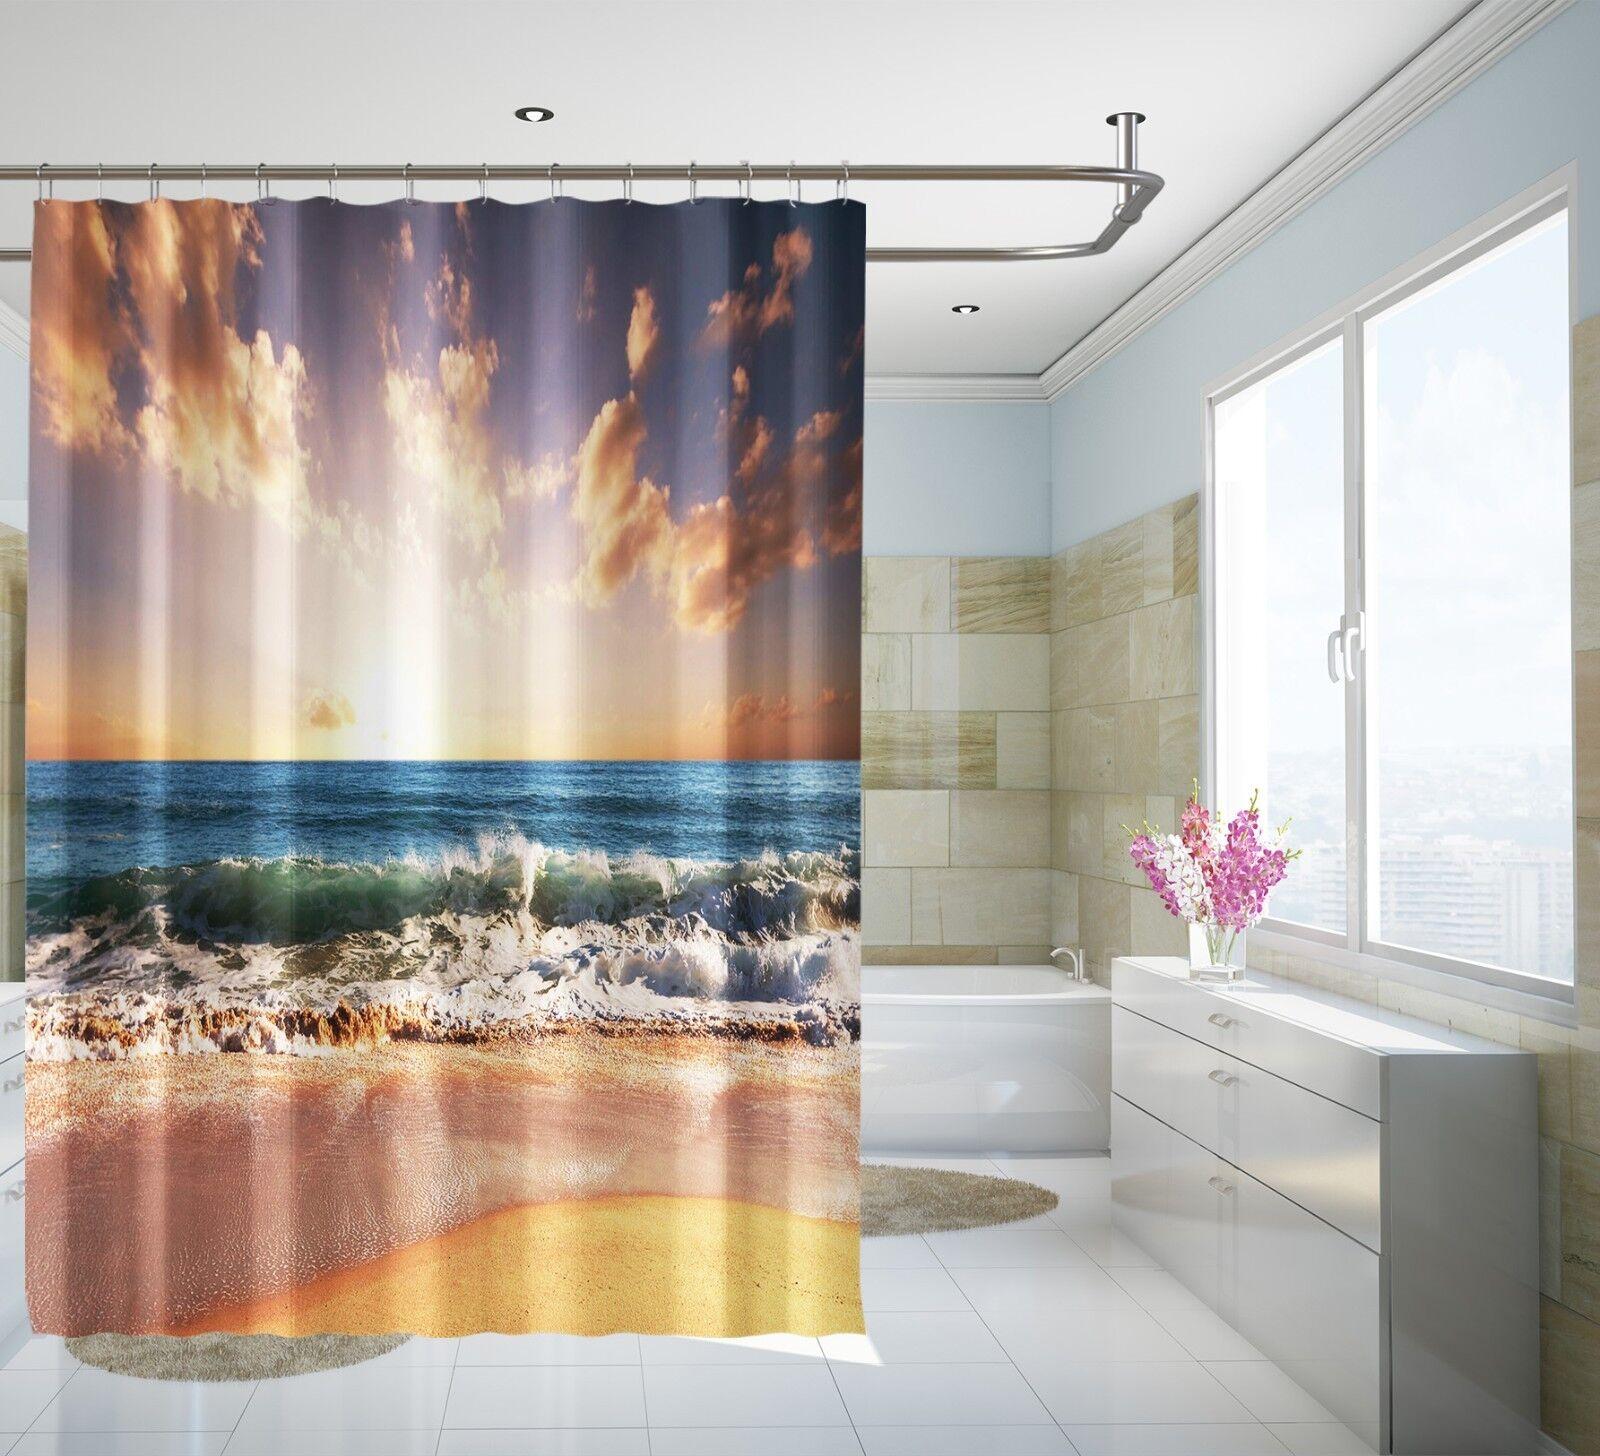 3D Dusk Strand 21 Duschvorhang Wasserdicht Wasserdicht Wasserdicht Faser Bad Daheim Windows Toilette DE | Fuxin  | Schöne Kunst  bfa392